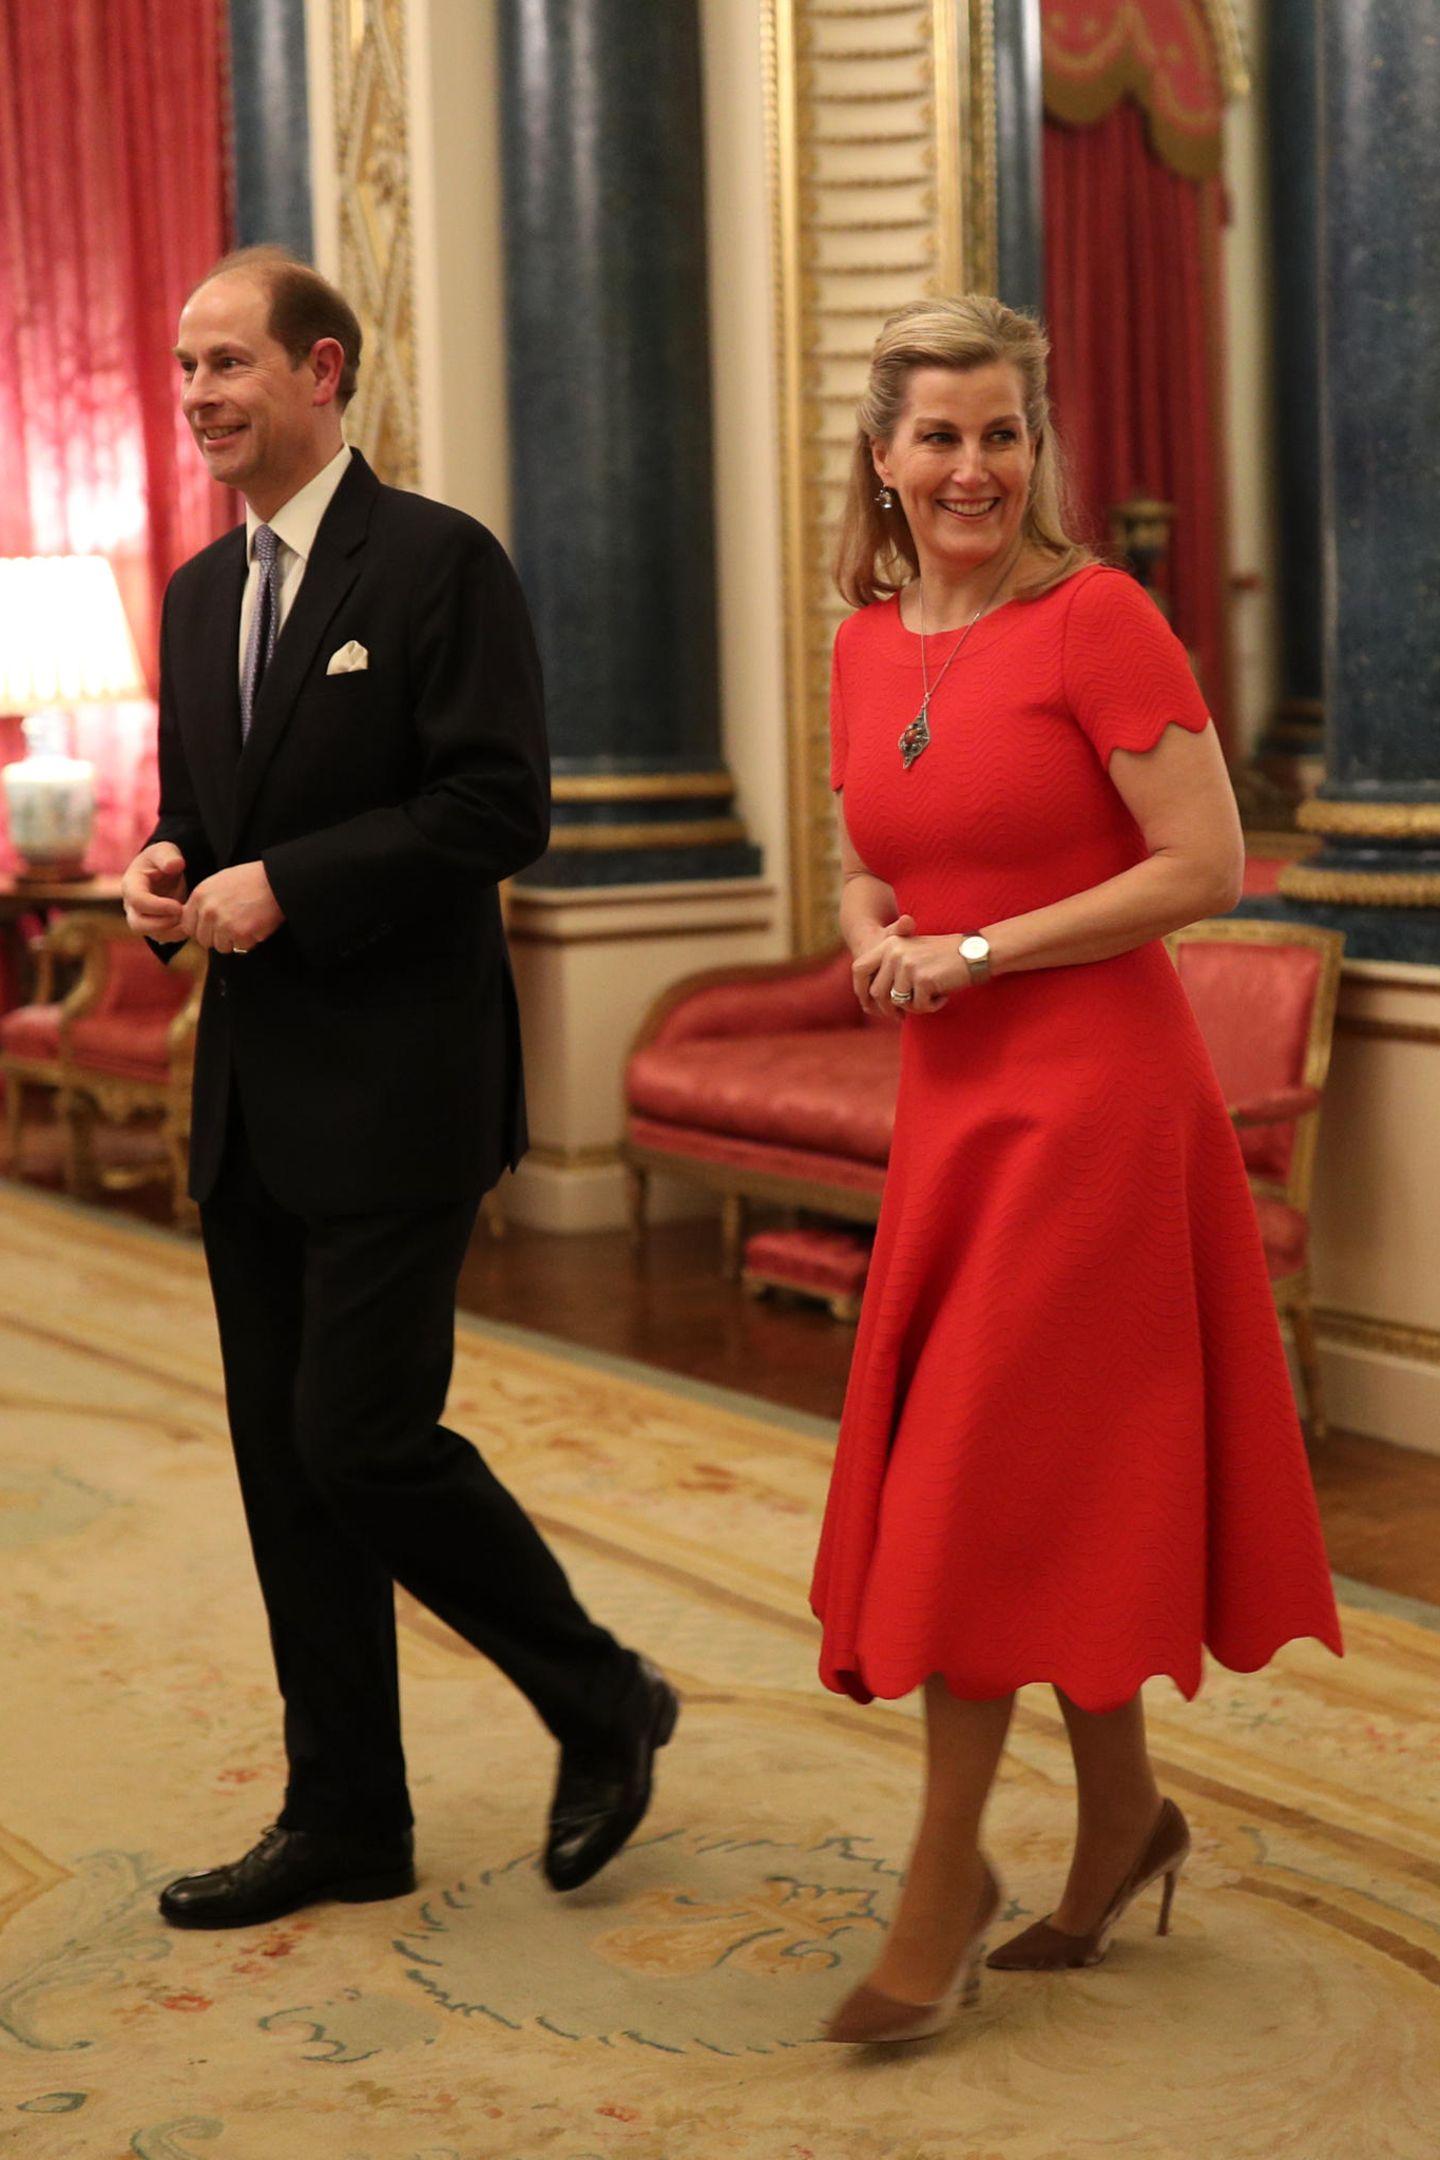 """Sophie, Gräfin von Wessex, die an diesem Tag Geburtstag feiert, entscheidetsich für ein knallrotes Jacquard-Midi-Kleid von """"Azzedine Alaïa"""". Niedliche Wellen-Details an den Ärmeln, halb-hochgestecktes Haarund eine große Kette machen den verspielten Look perfekt."""